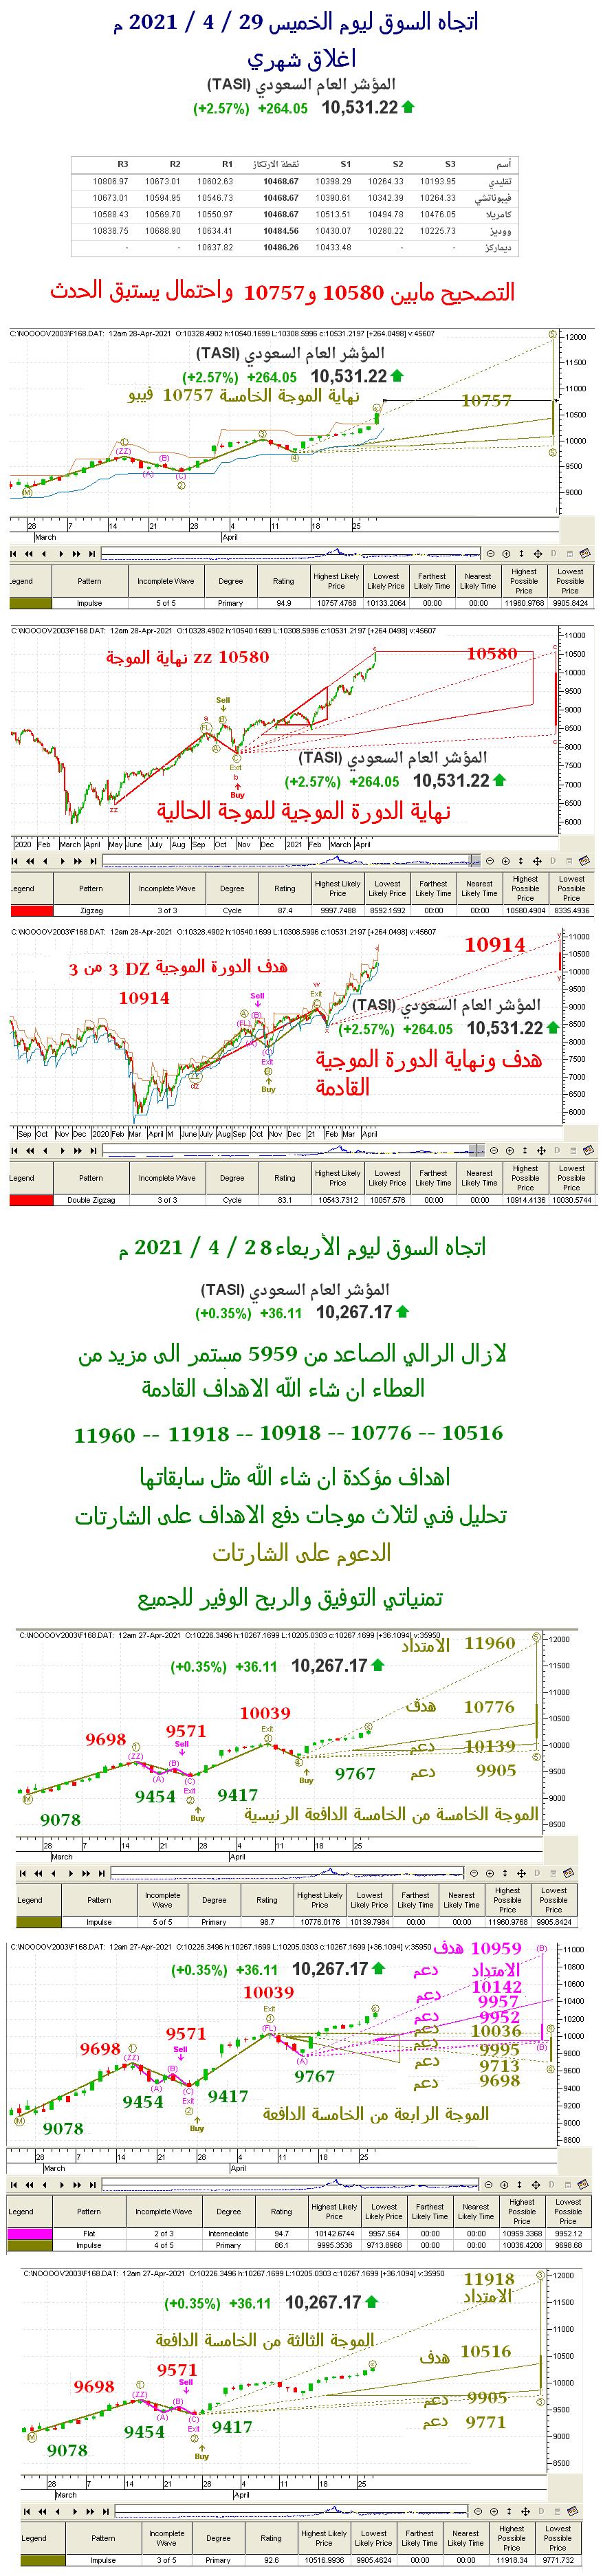 رد: اتجاه السوق ليوم الخميس 29 / 4  / 2021 م